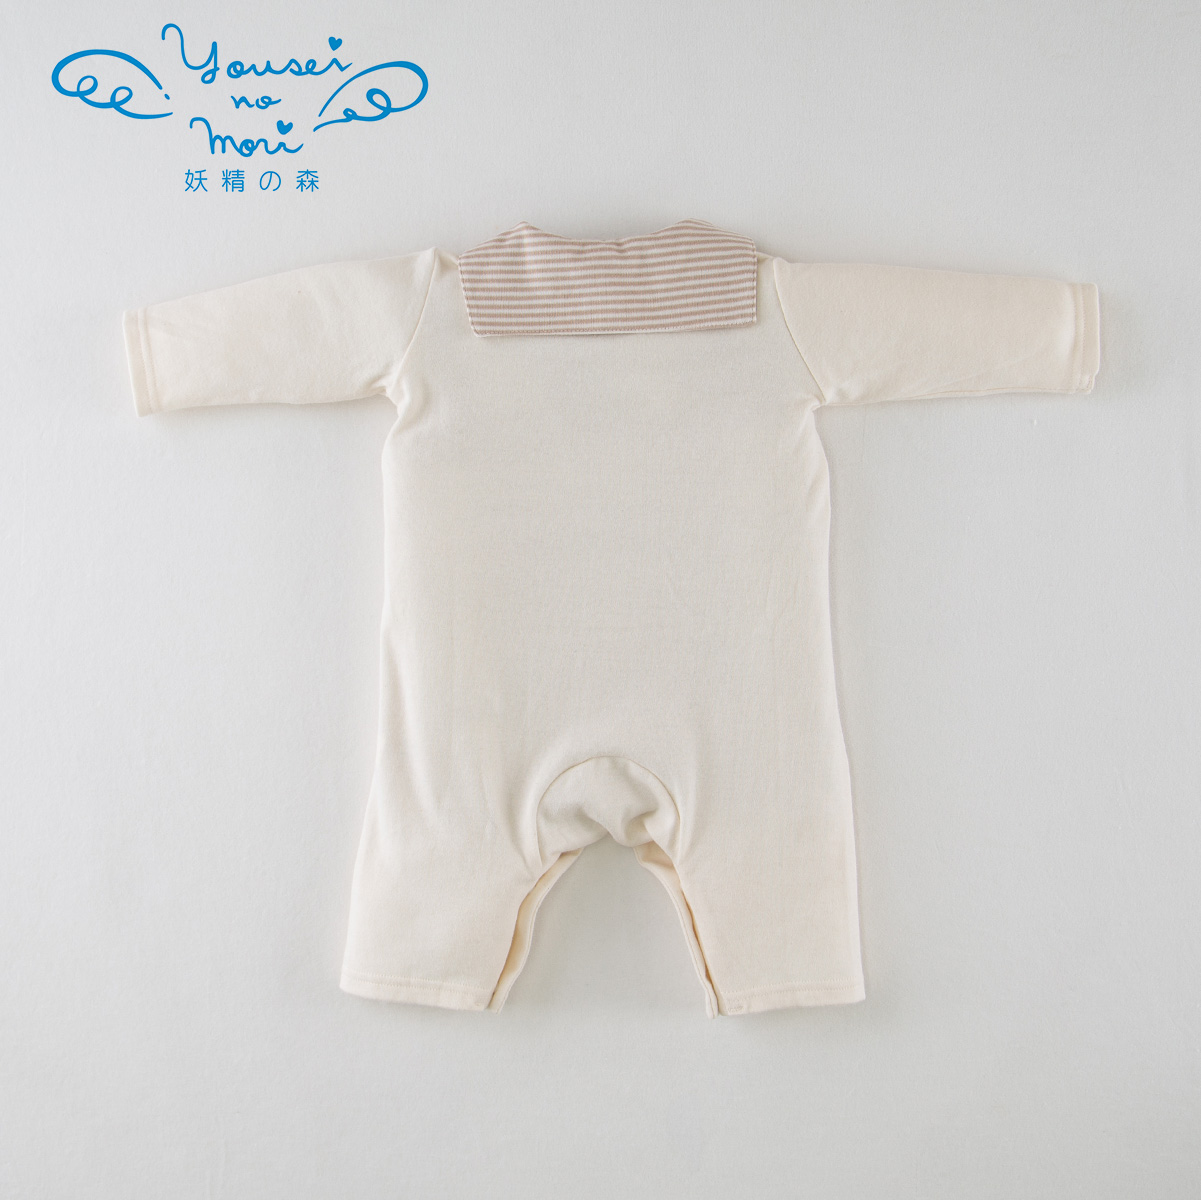 クマ刺しゅうのネクタイカバーオール YH220 (ベビー服)